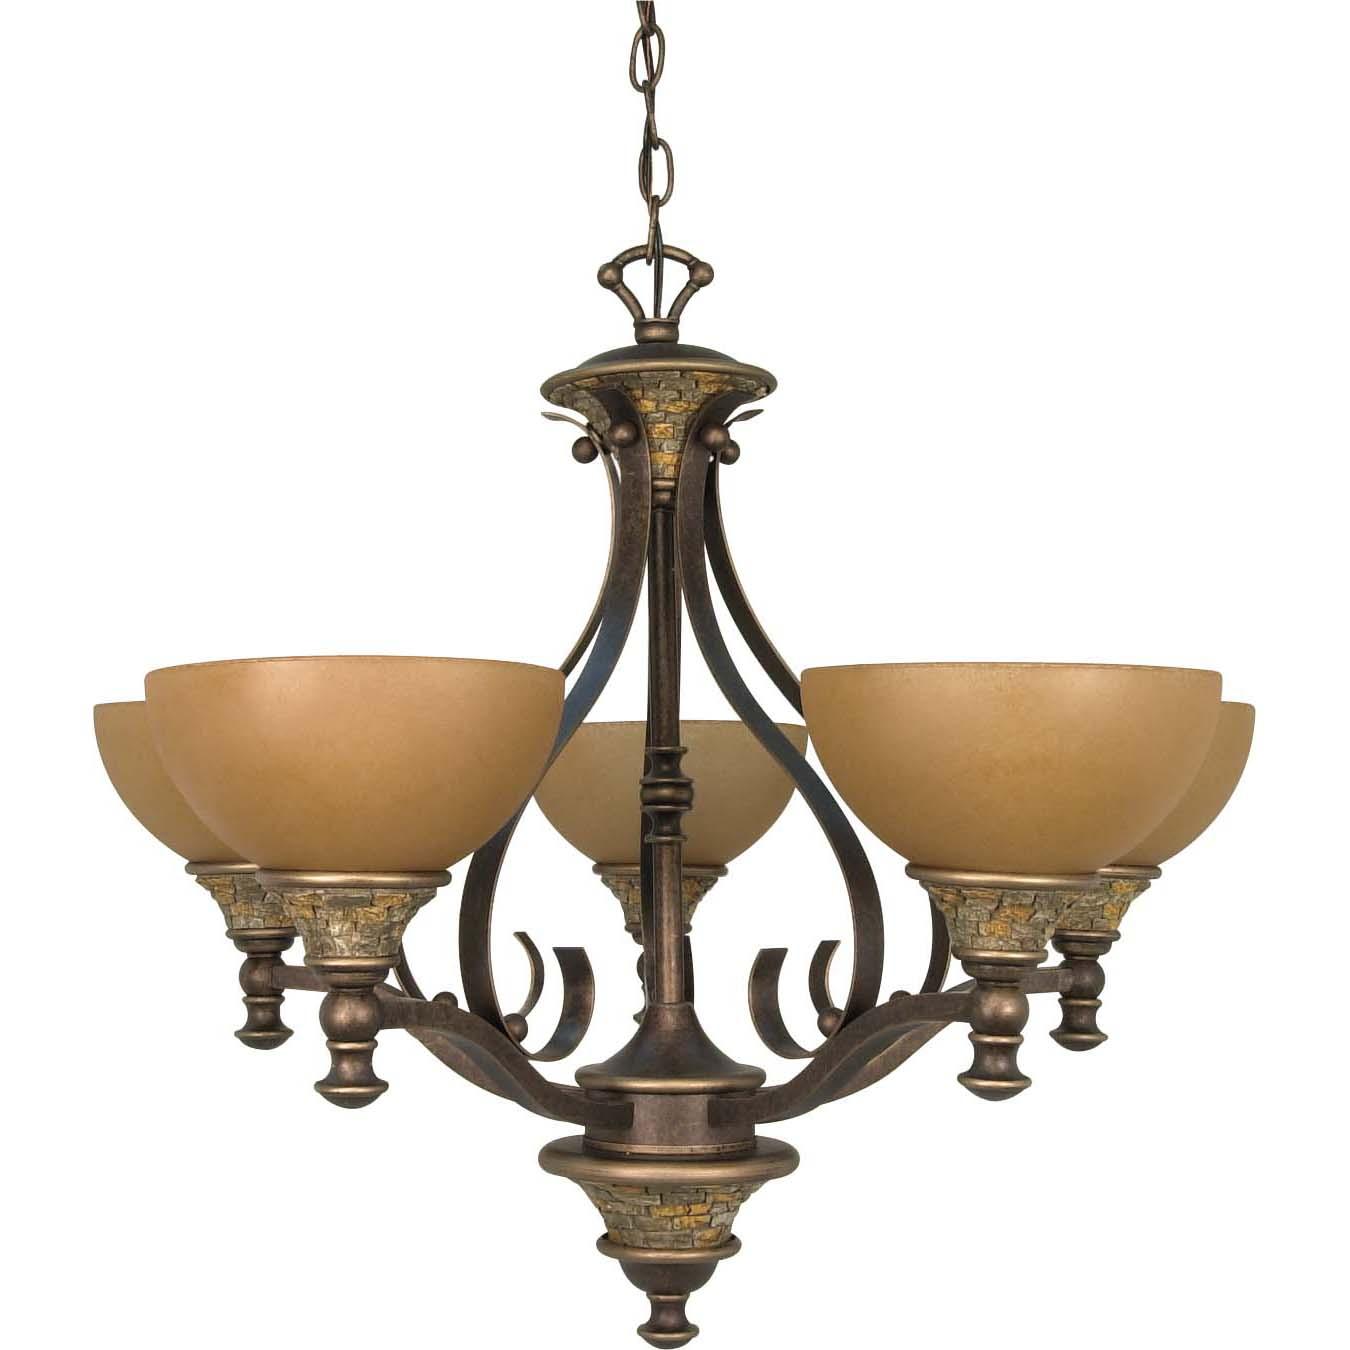 Rockport Tuscano 5-light Sepia Glass Dorado Bronze Chandelier